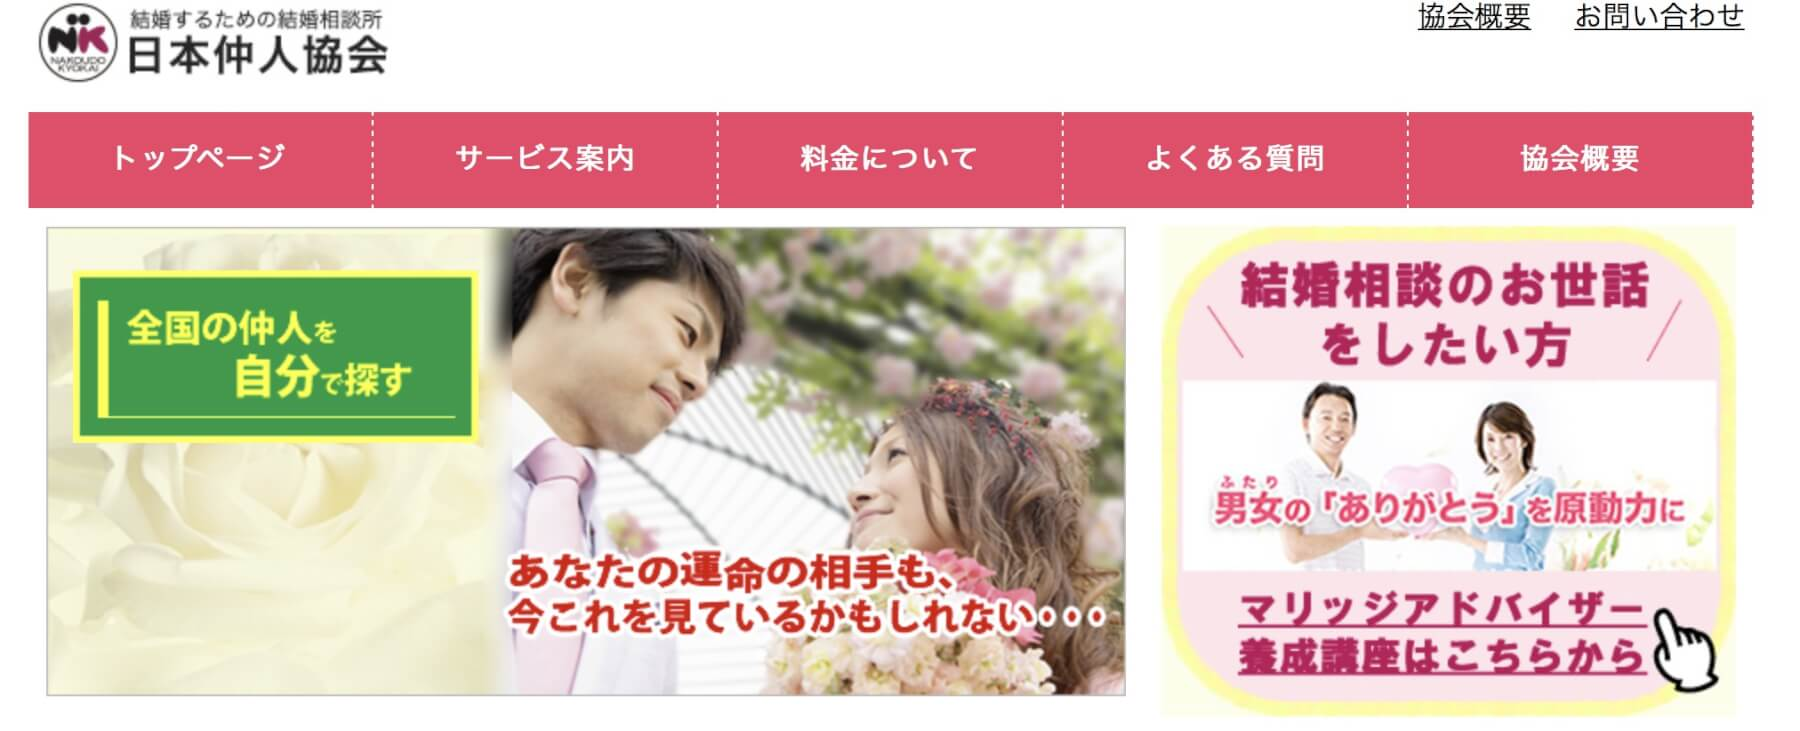 茨城でおすすめの結婚相談所:仲人協会